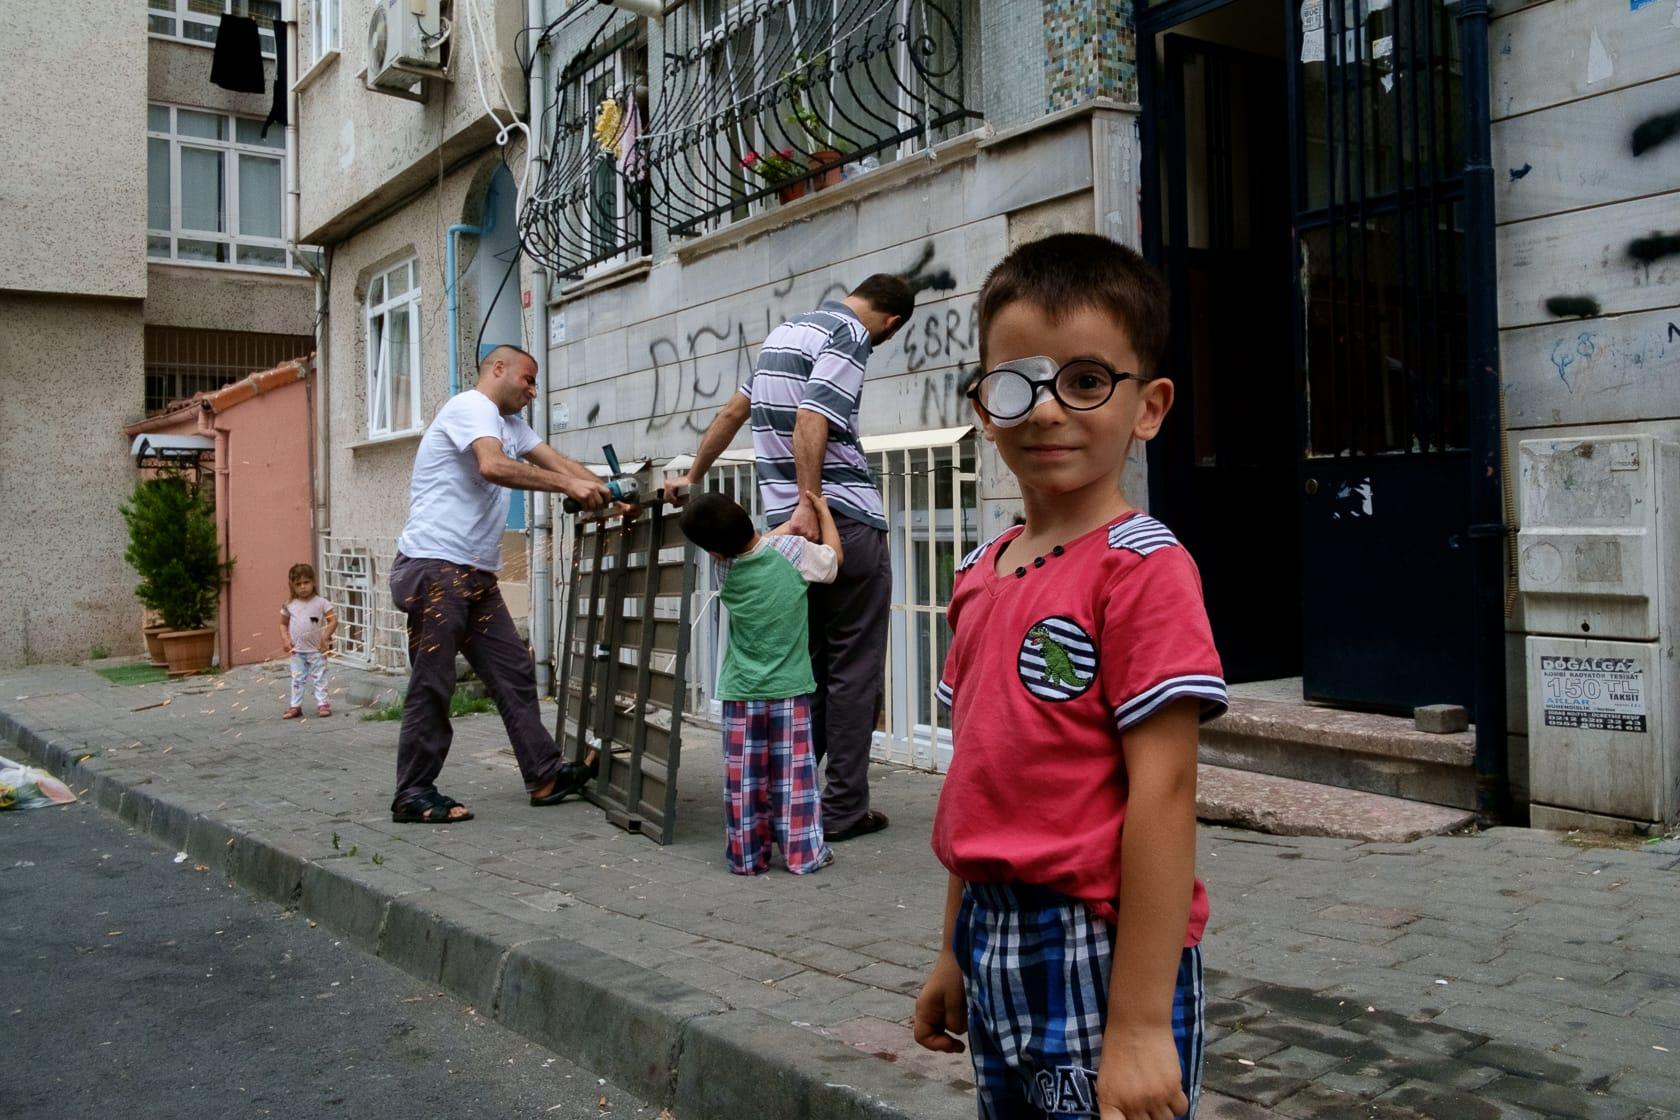 Photo by Spyros Papaspyropoulos